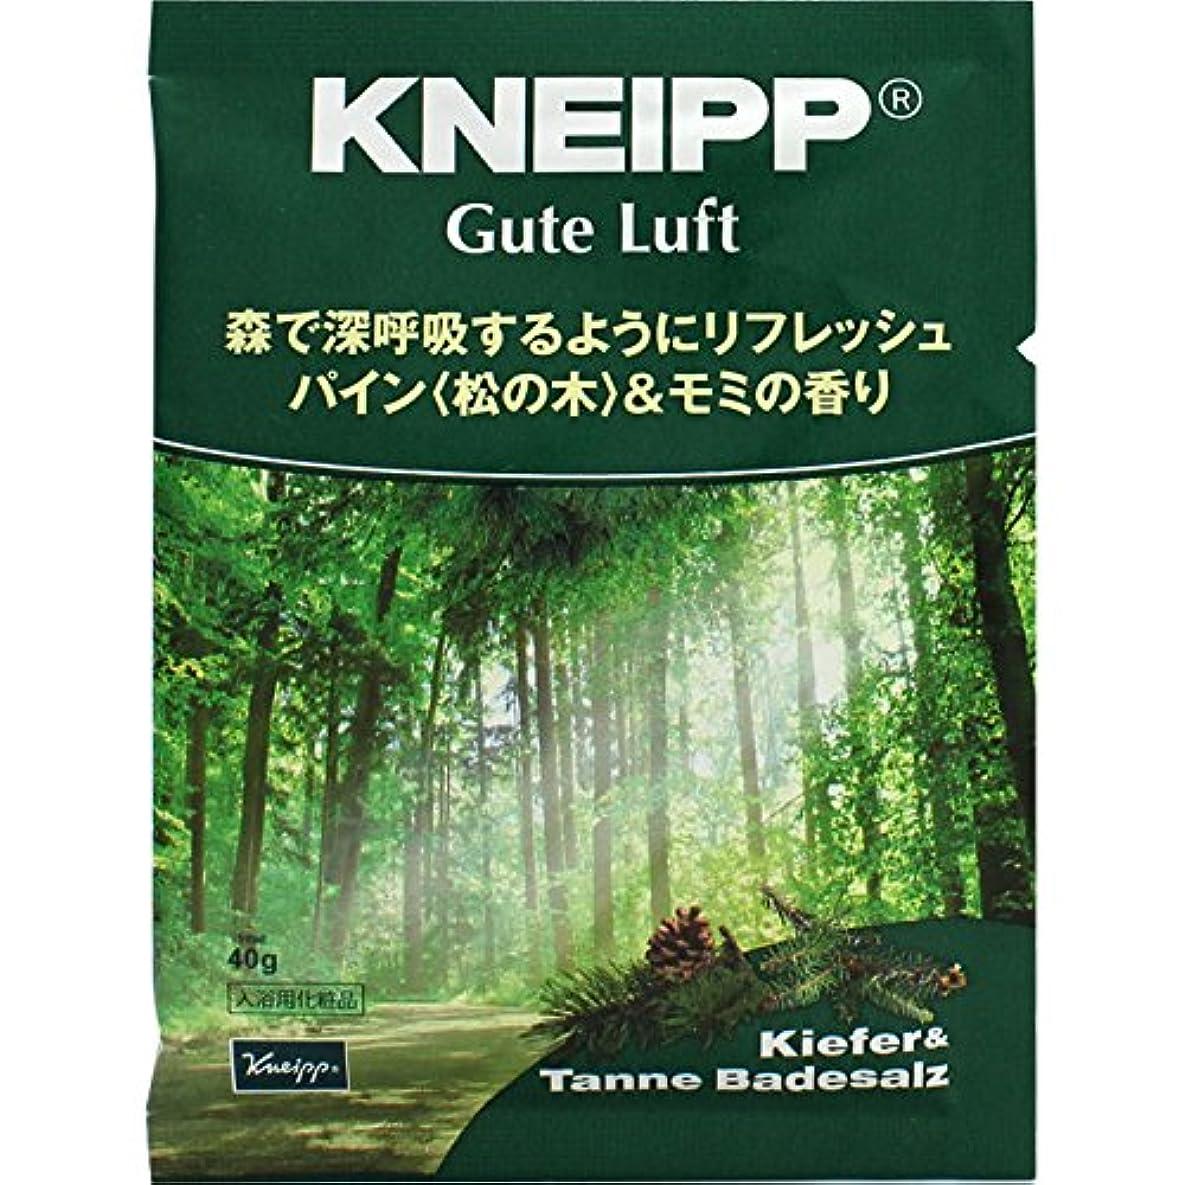 極小カメラ驚いたクナイプ?ジャパン クナイプ グーテルフト バスソルト パイン<松の木>&モミの香り 40g